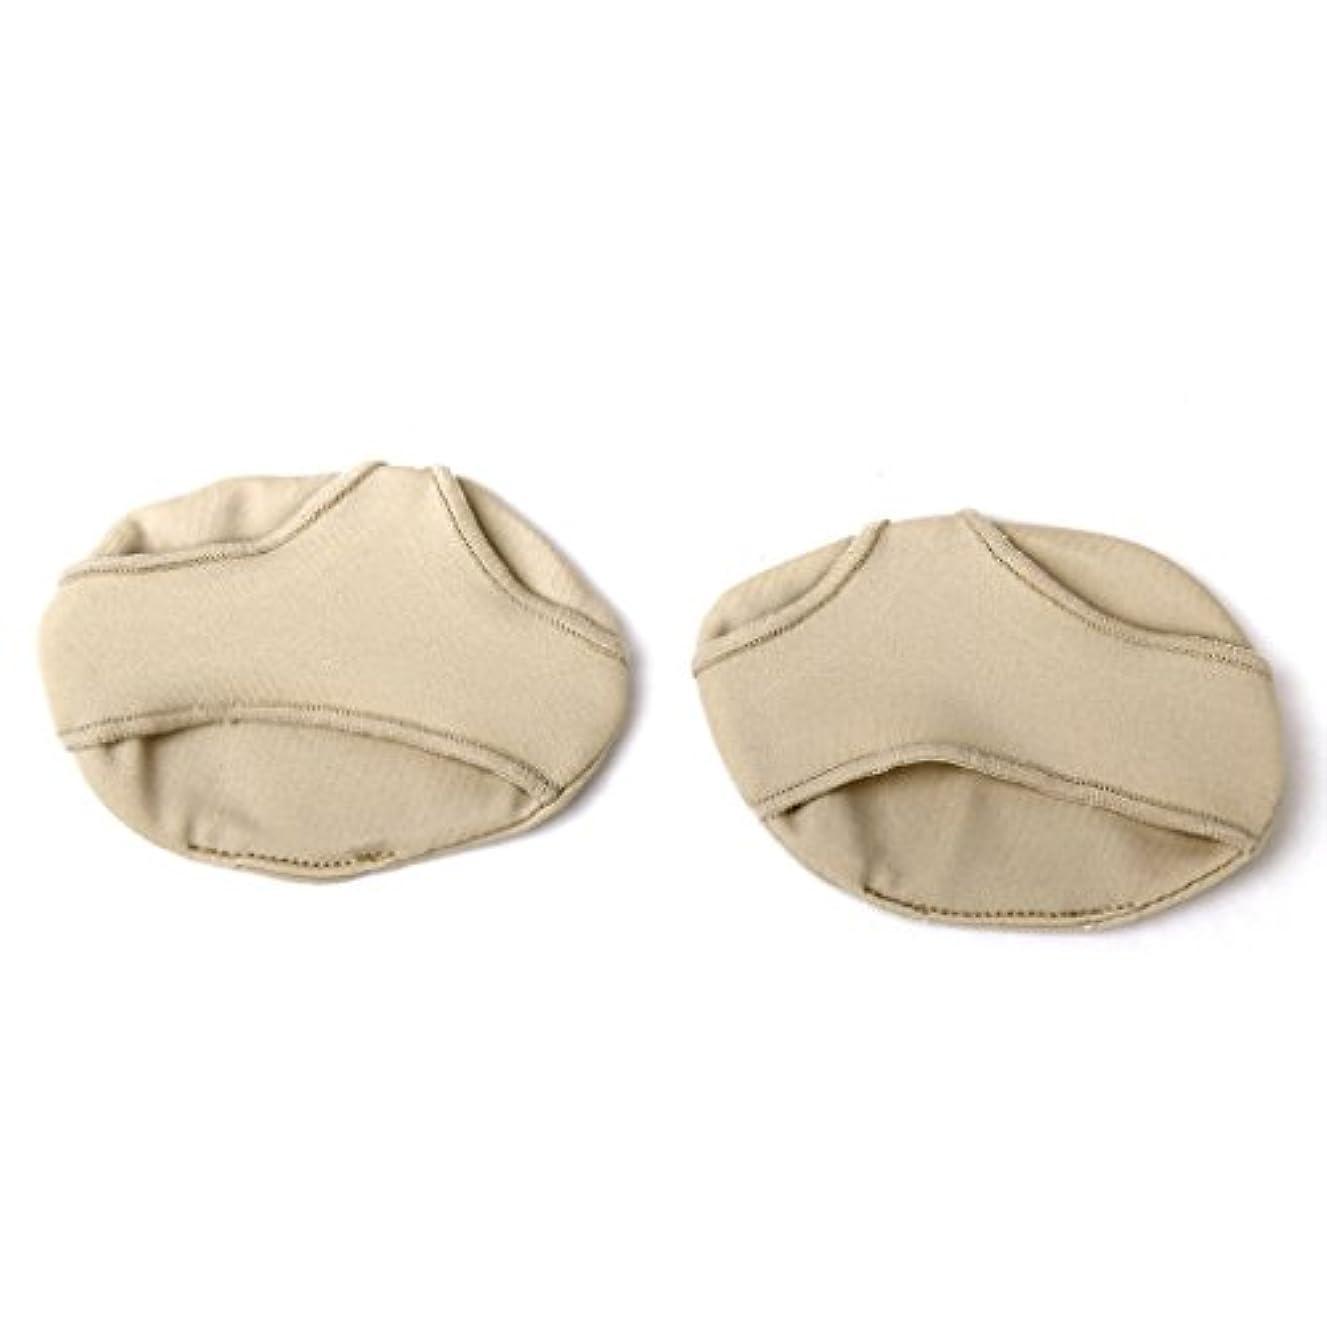 熟すセンチメートルペインCUHAWUDBA ペアの低中足パッド クッションブランケット 前足の痛みを和らげるためのストラップ付きインソール Y形